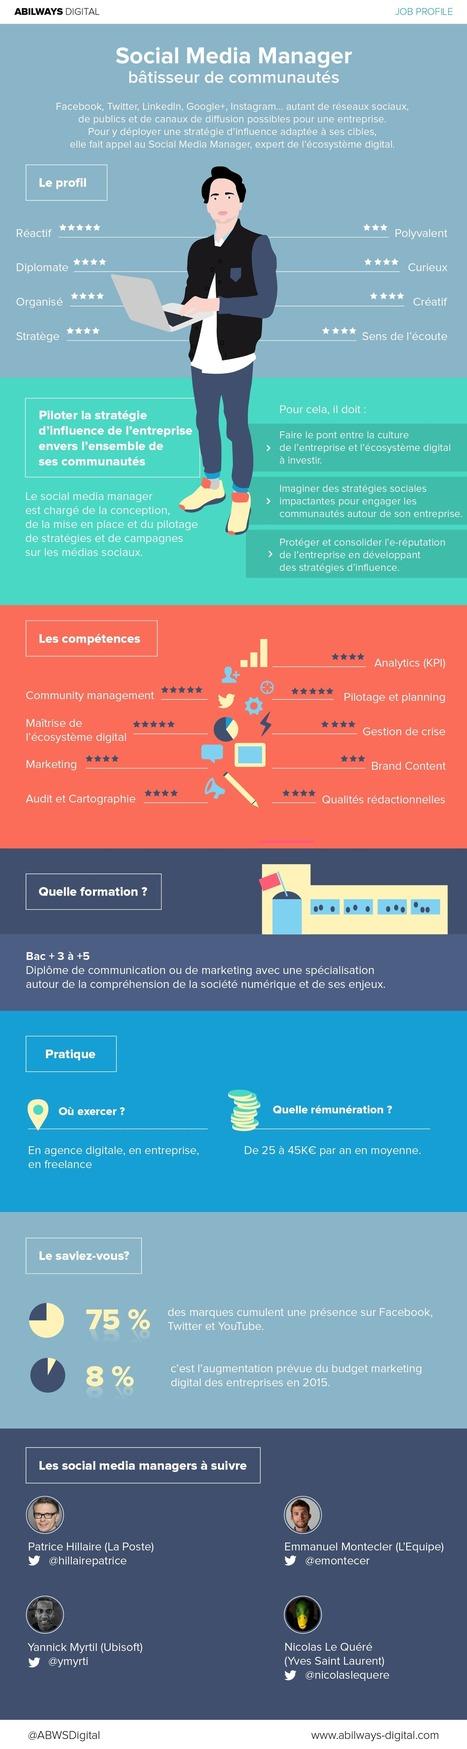 Infographie : SOCIAL MEDIA MANAGER, BÂTISSEUR DE COMMUNAUTÉS   Réseaux sociaux   Scoop.it